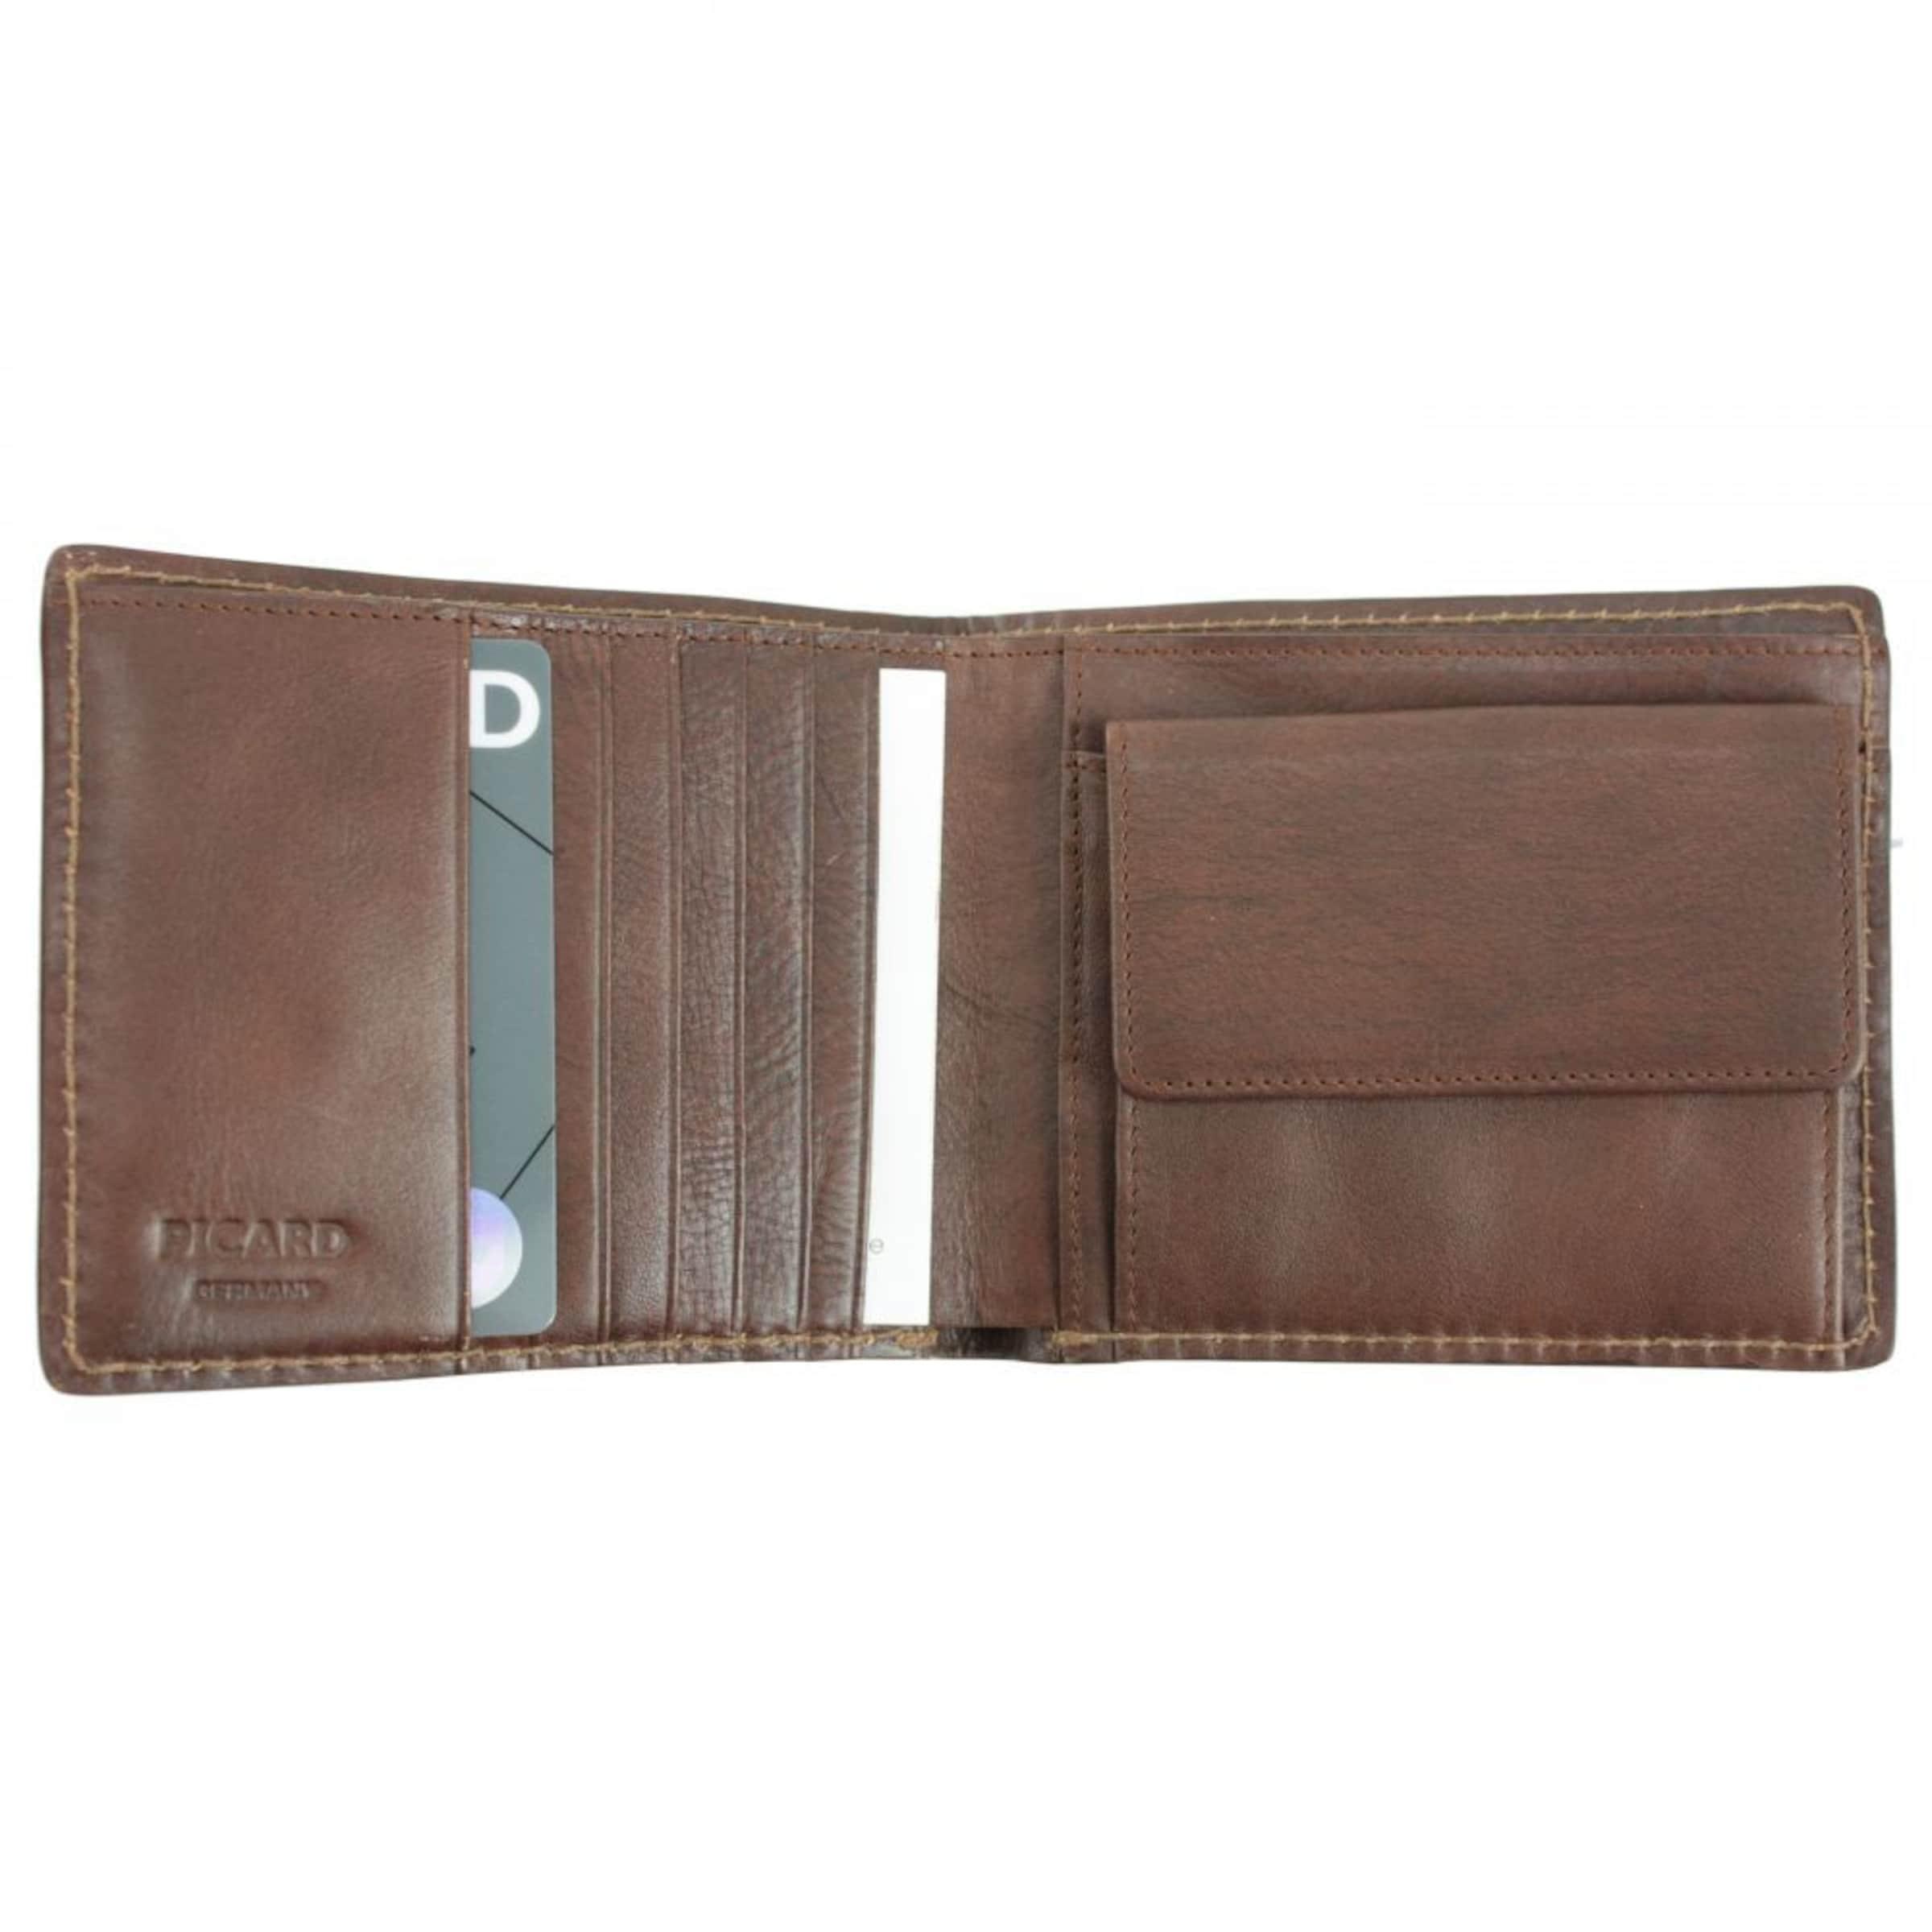 Picard Toscana Geldbörse Leder 12 cm Schlussverkauf Spielraum Mode-Stil Discounter Standorten bCqbMgm